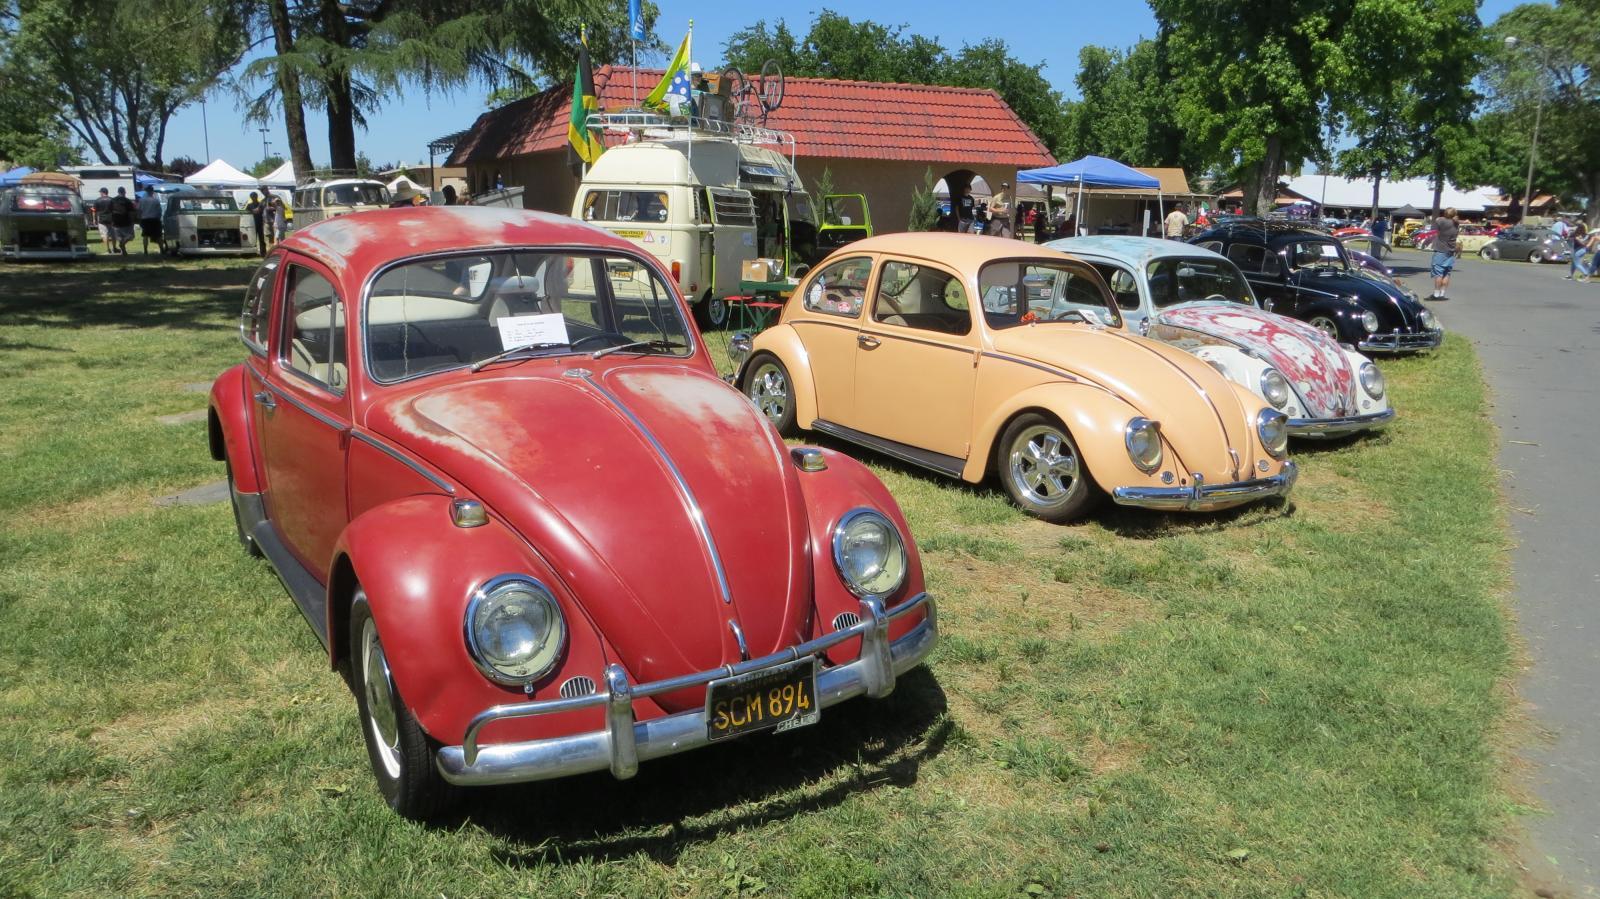 Sedan Bugs at the Medera Spring Fling 2017 (April 30th, 2017)